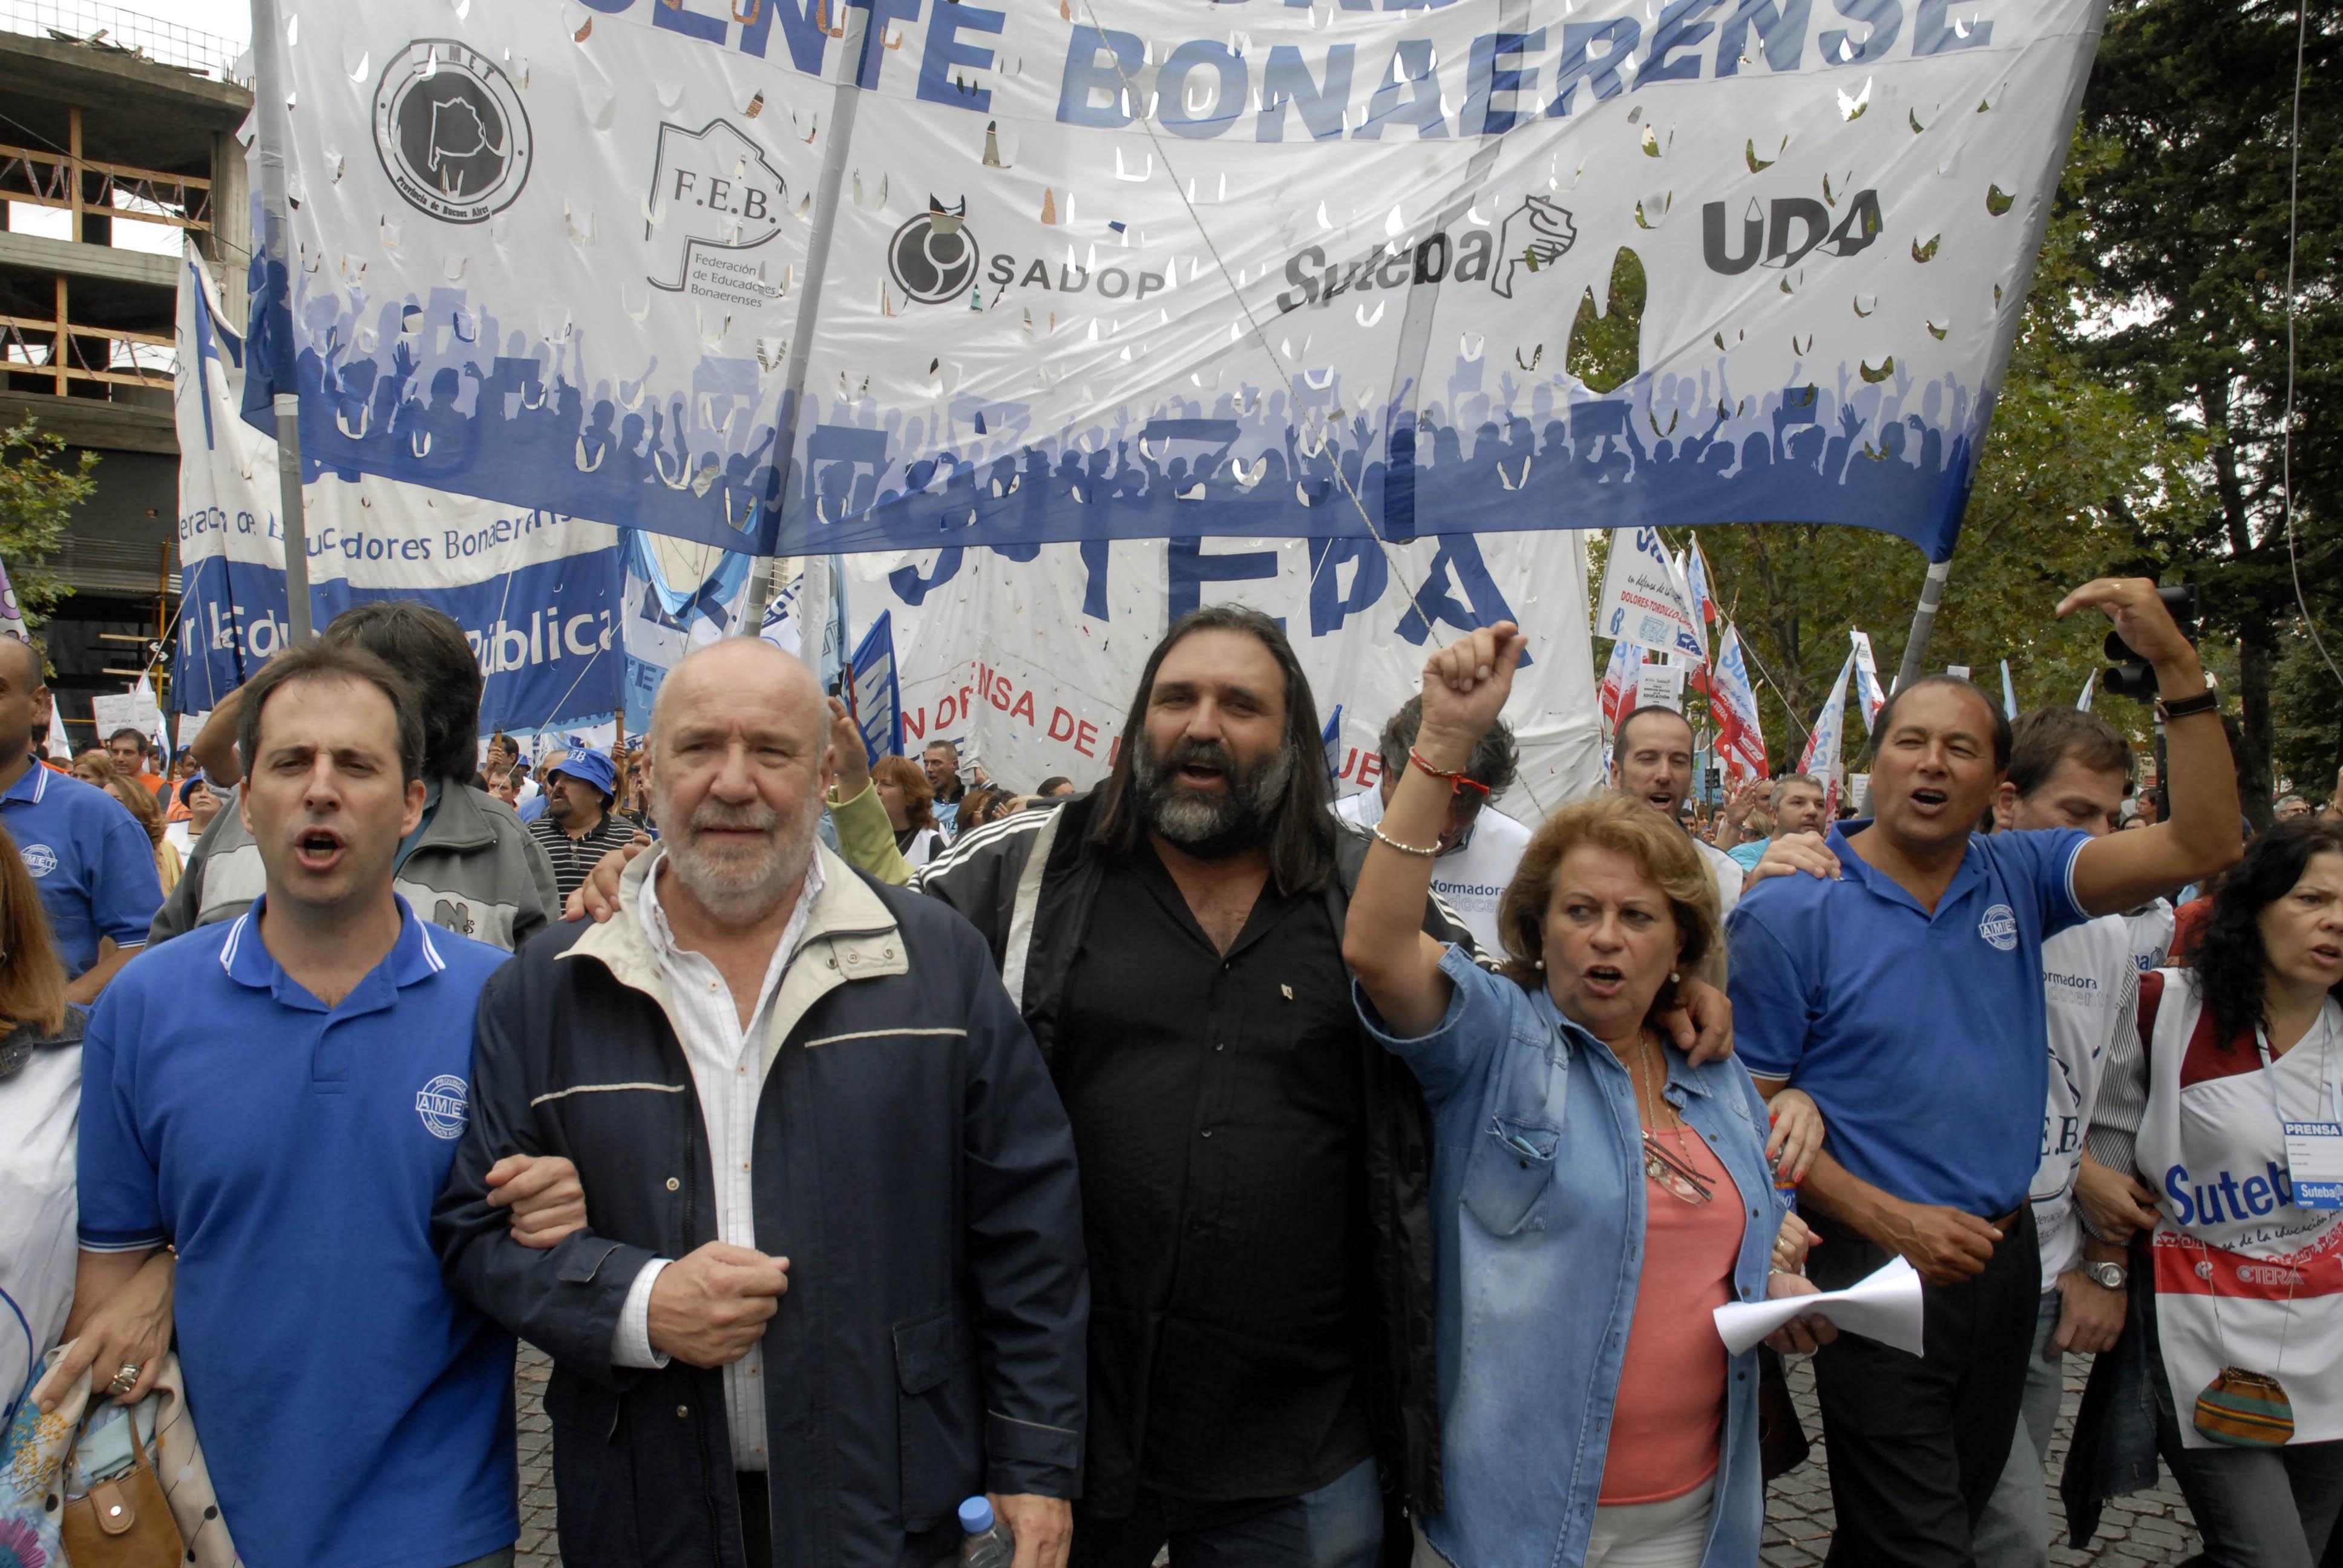 Télam La Plata 18/03/2014 Cientos de docentes  comenzaron a marchar por una de las avenidas principales de La  Plata, en dirección a la Casa de Gobierno bonaerense. Roberto Baradel al frente de la columna. Foto: Carlos Cermele/Télam/dsl